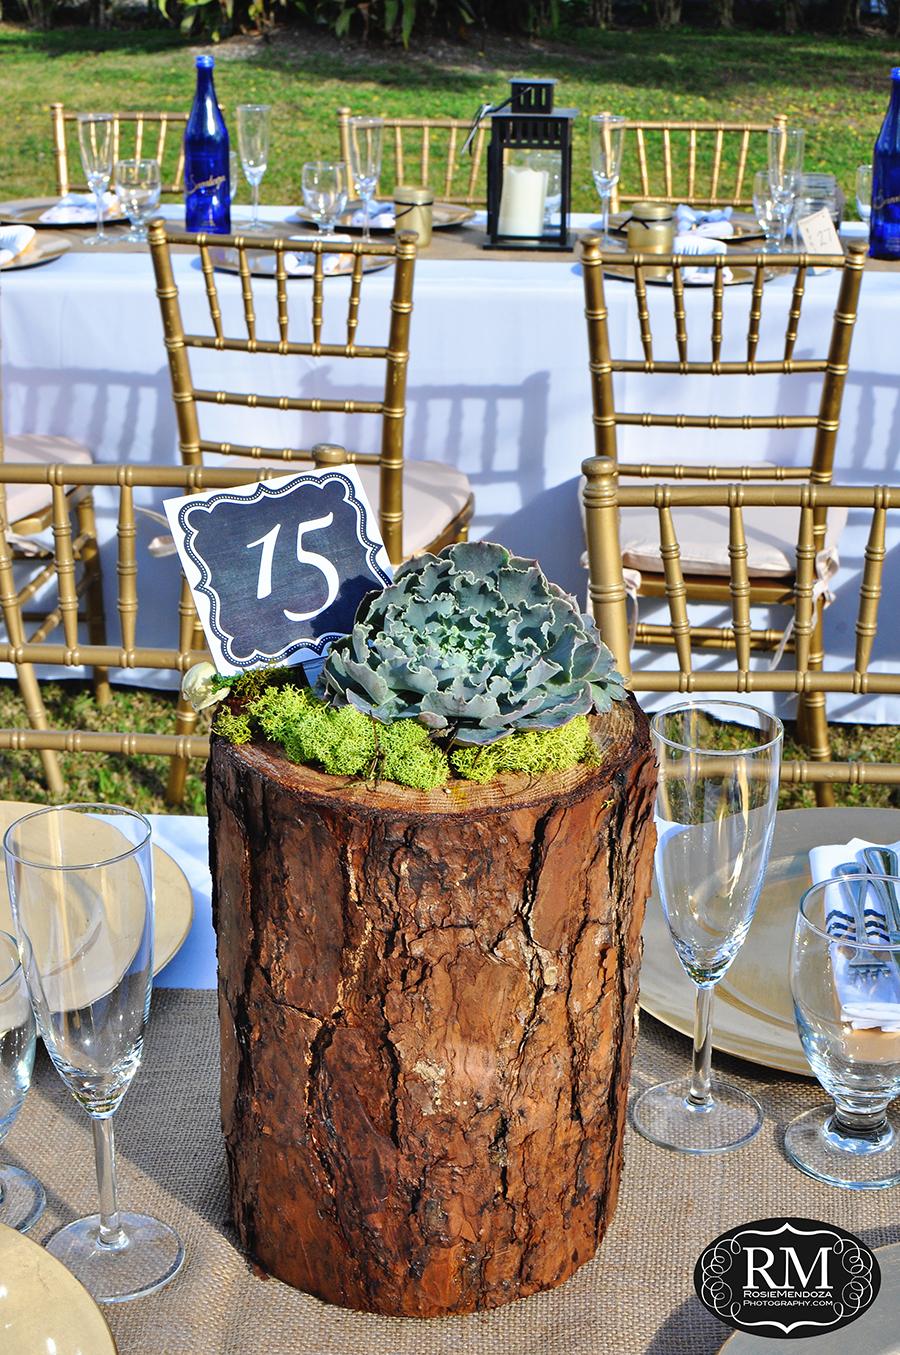 JR-Horse-Ranch-wedding-reception-centerpieces-photo